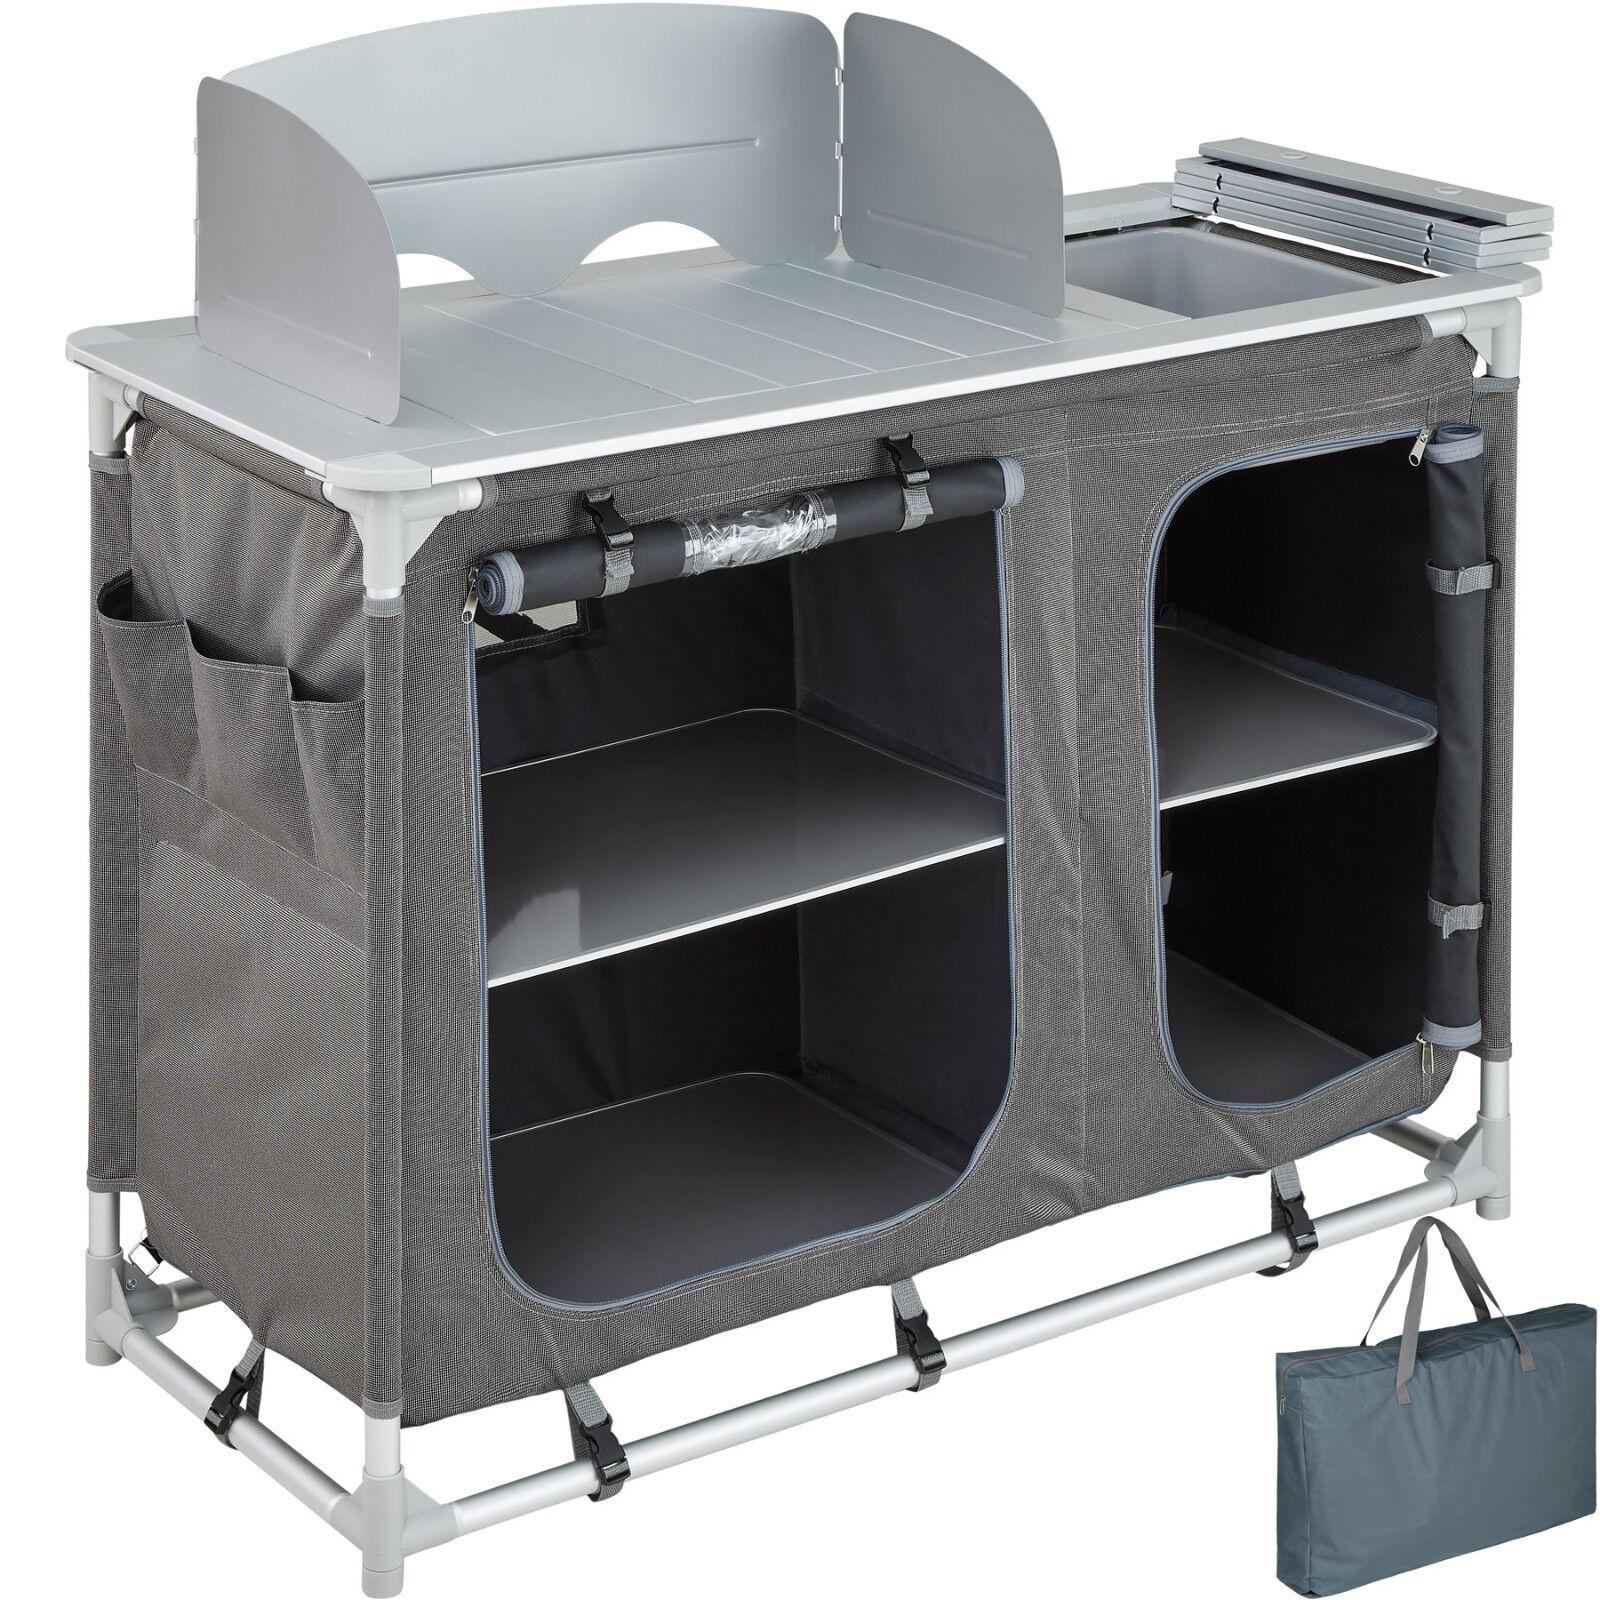 Cuisine de camping aluminium mobilier armoire placard table d'extérieur pliable